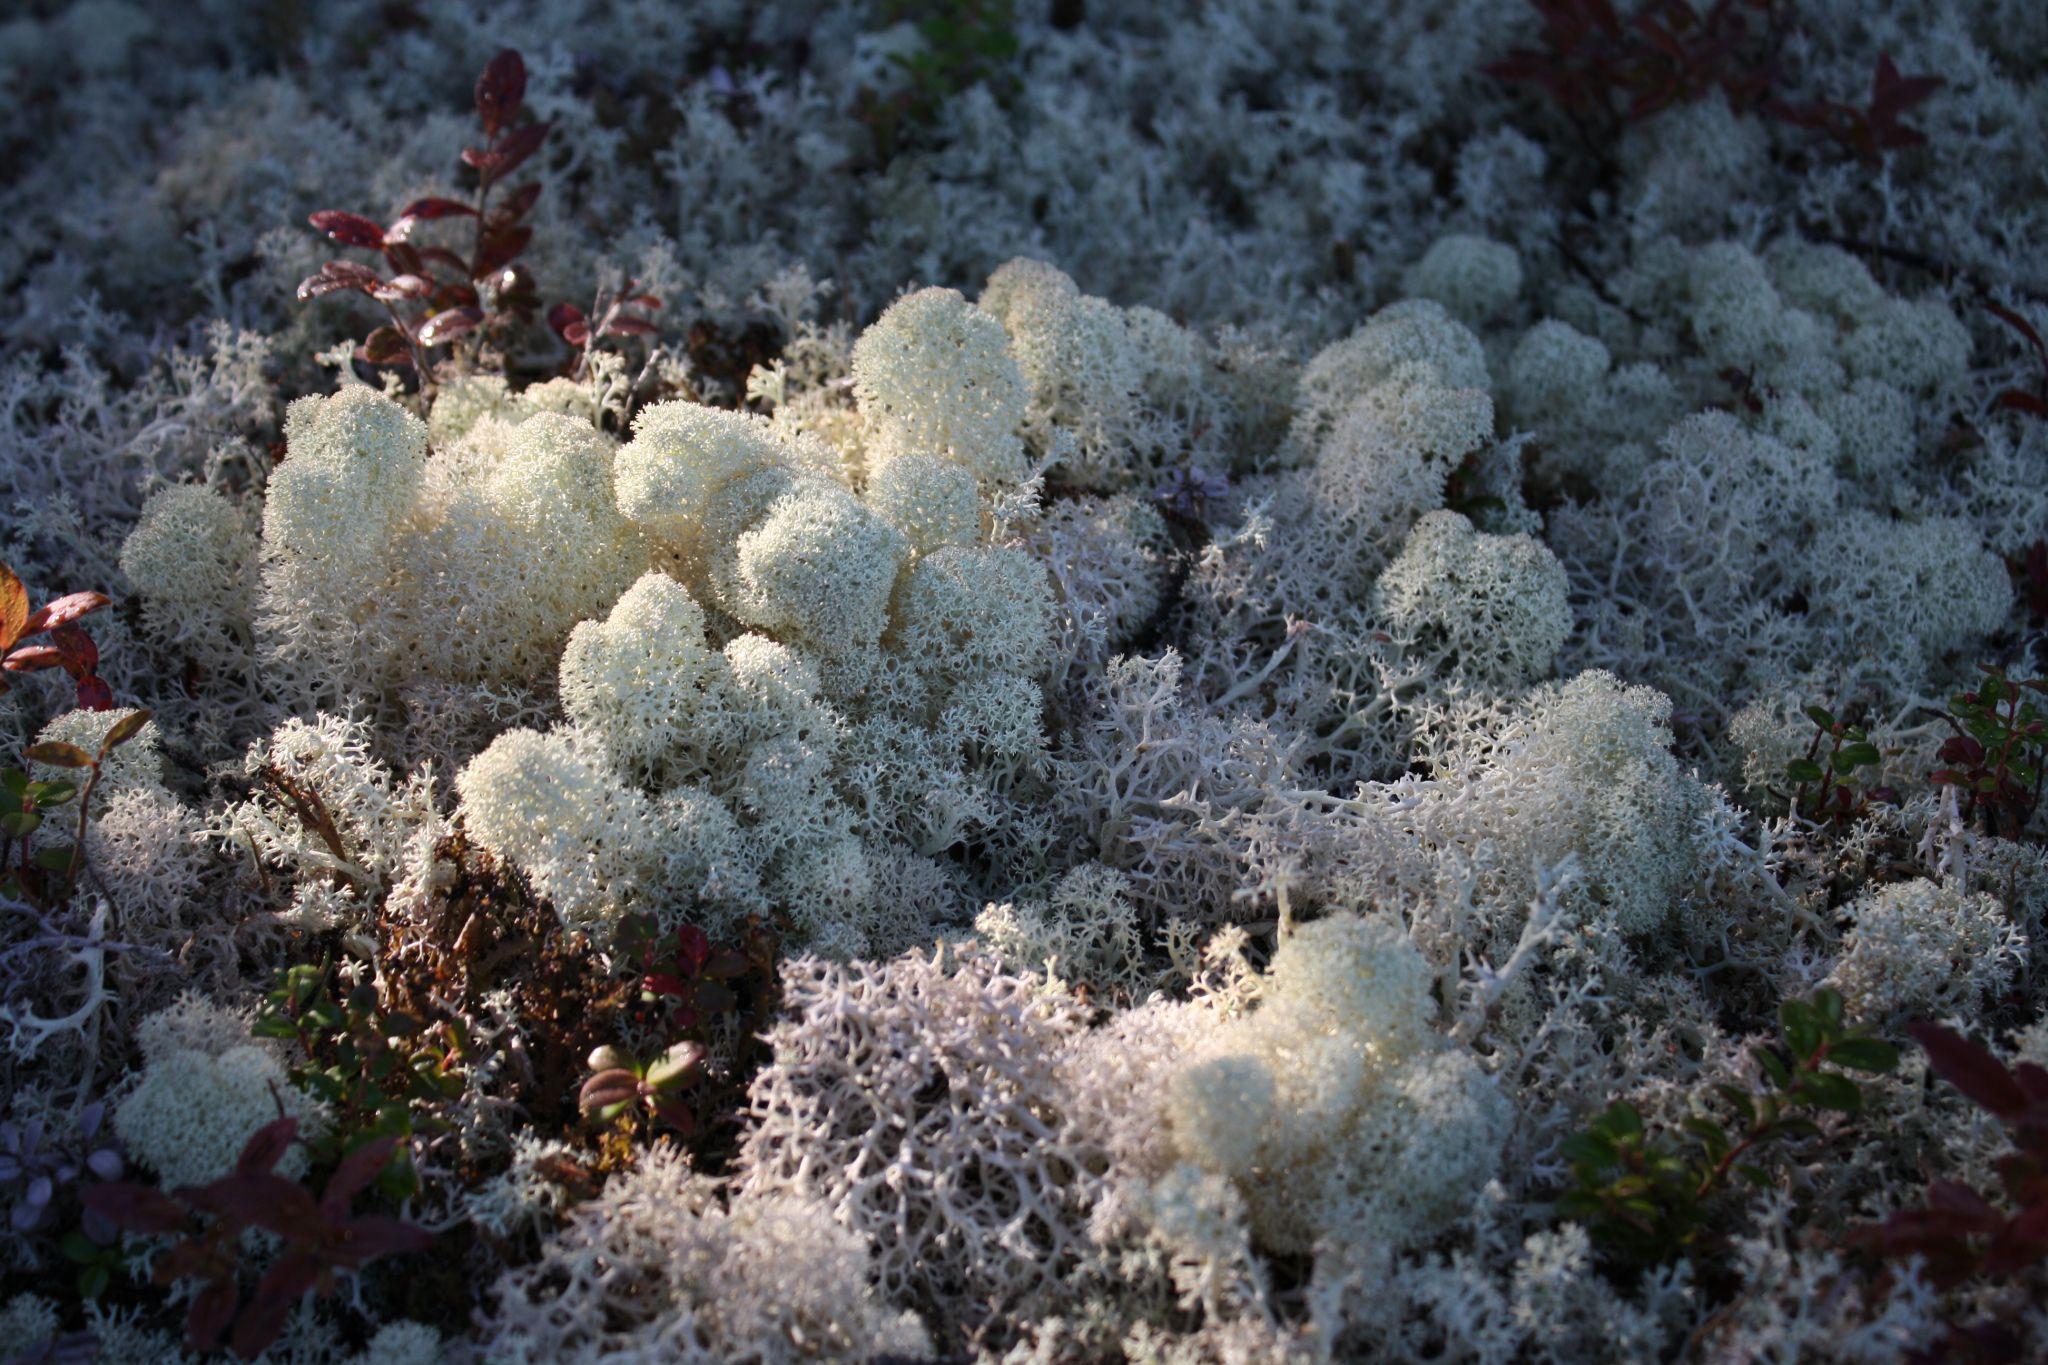 Terrestrial forage lichens close up (2)